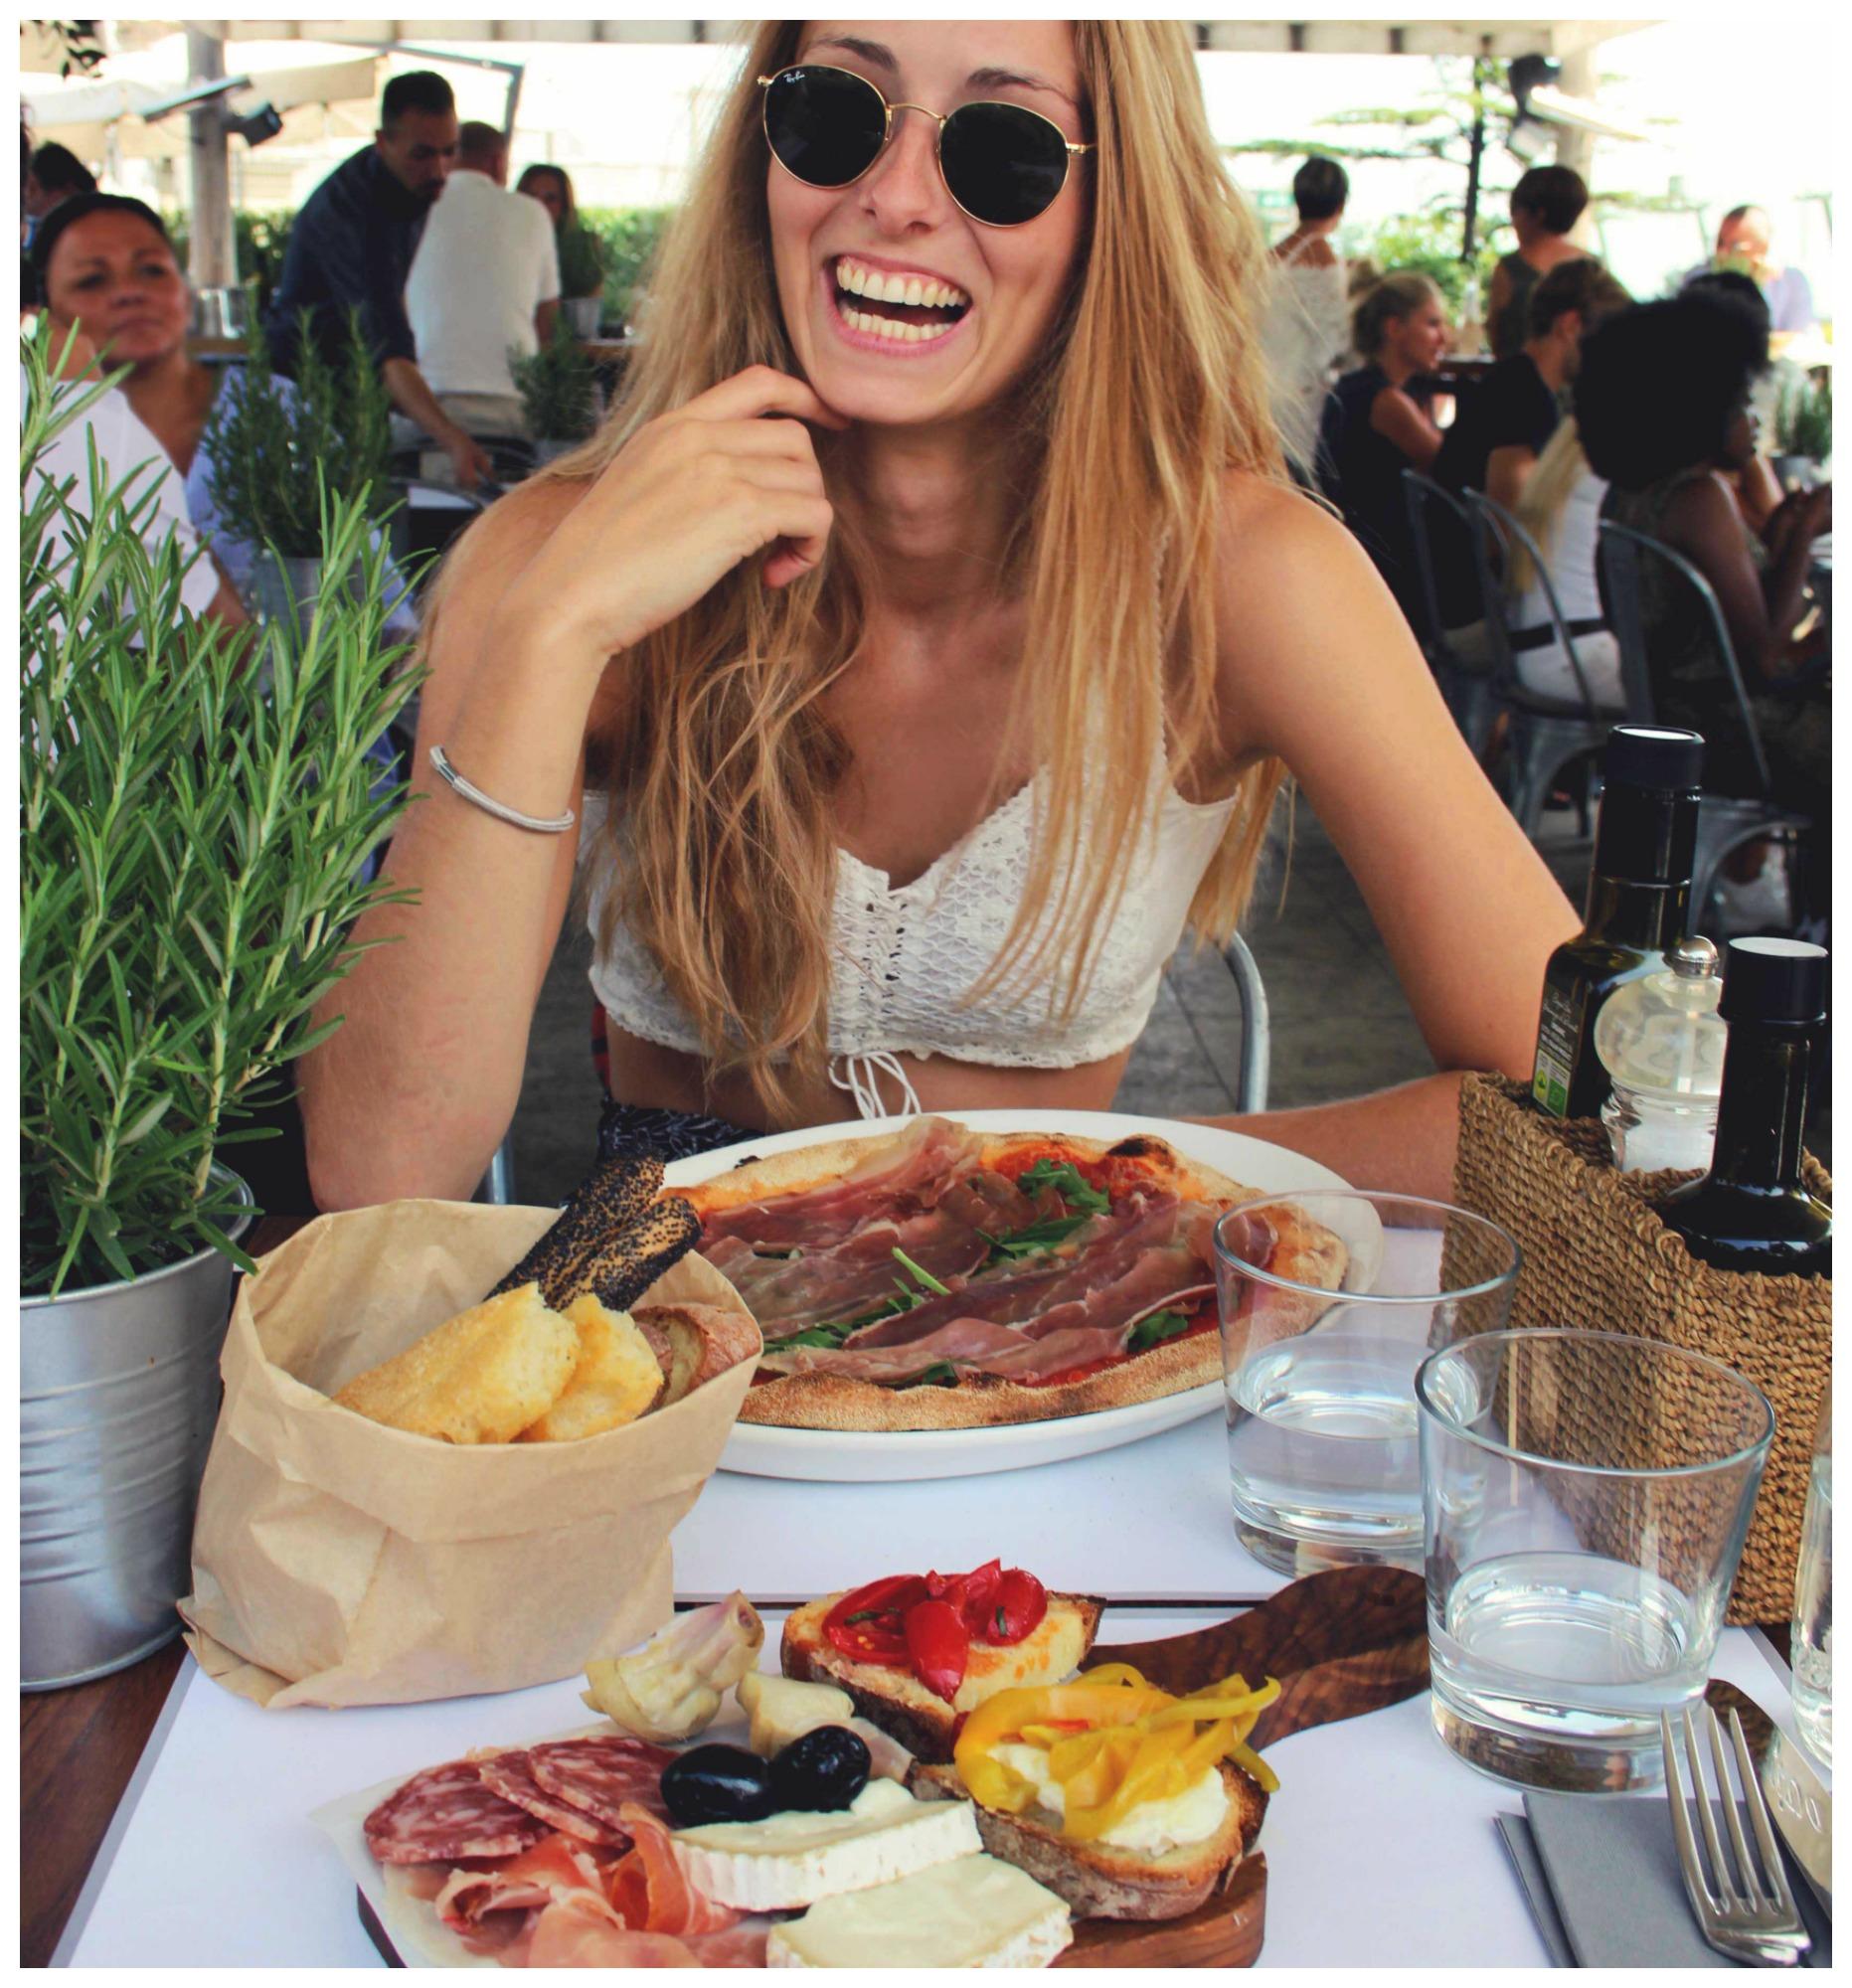 city trip à milan: à manger obica duomo